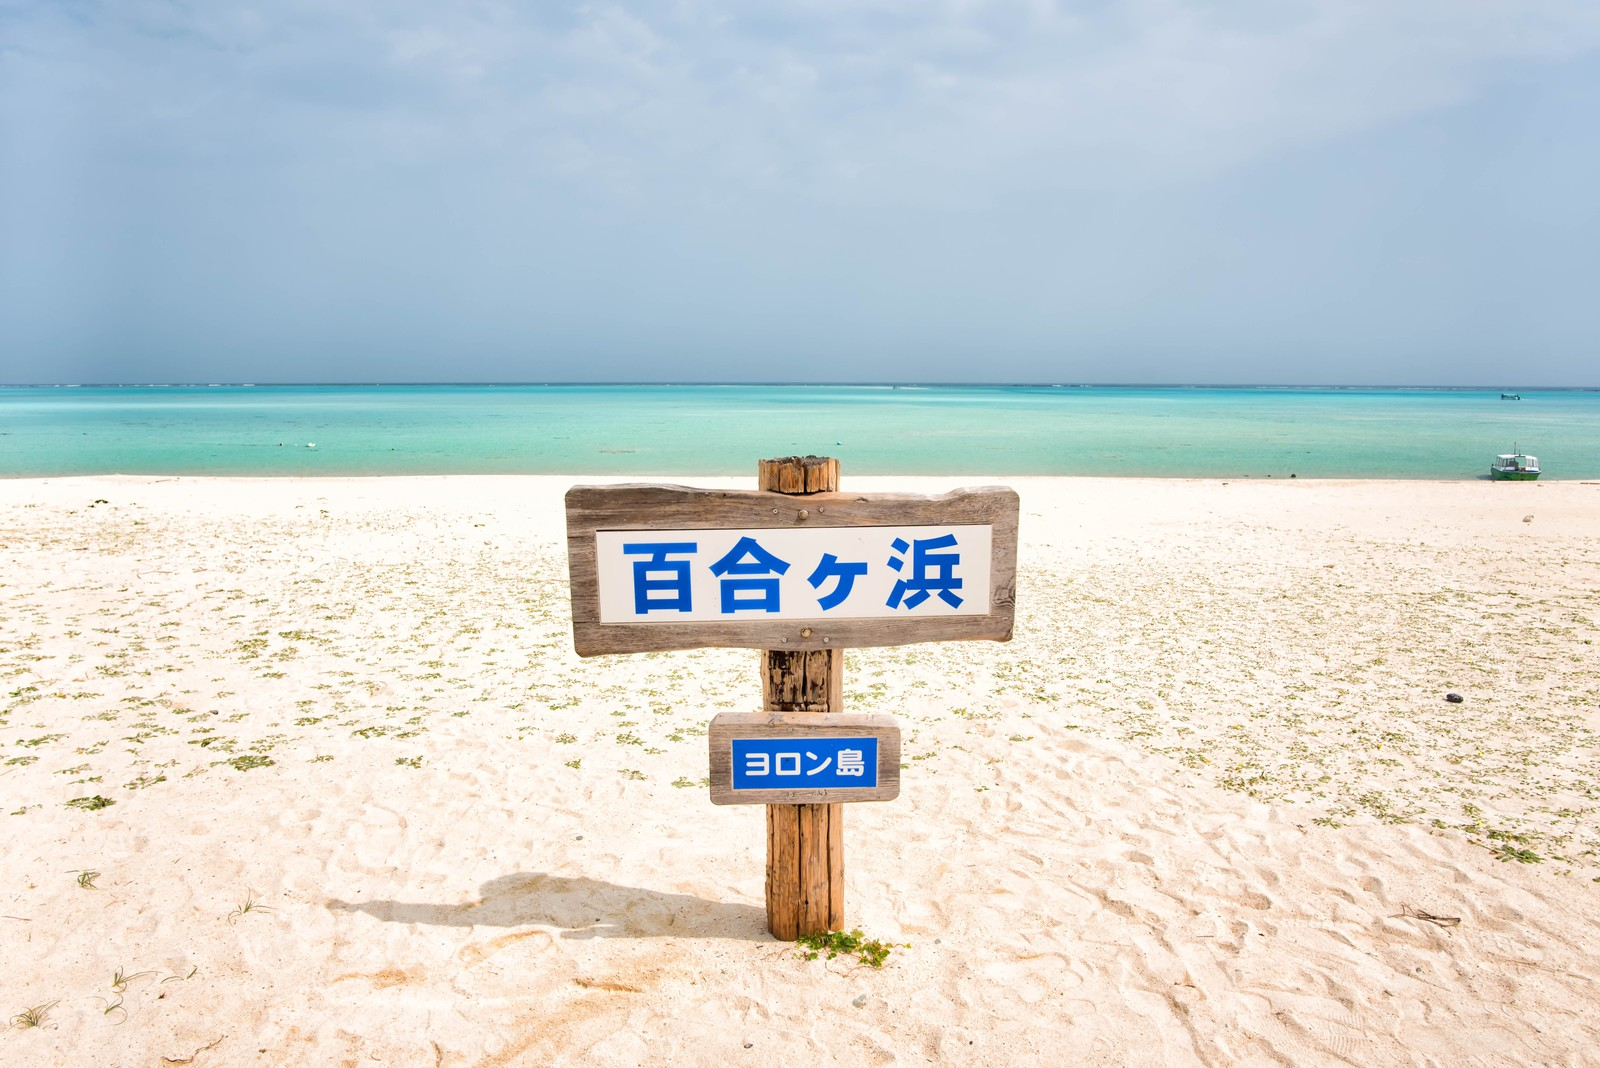 ディスカバー鹿児島キャンペーン【追加】第一弾!ついに22日(月)最終日!申込がうまくいく方法を解説!? イメージ画像